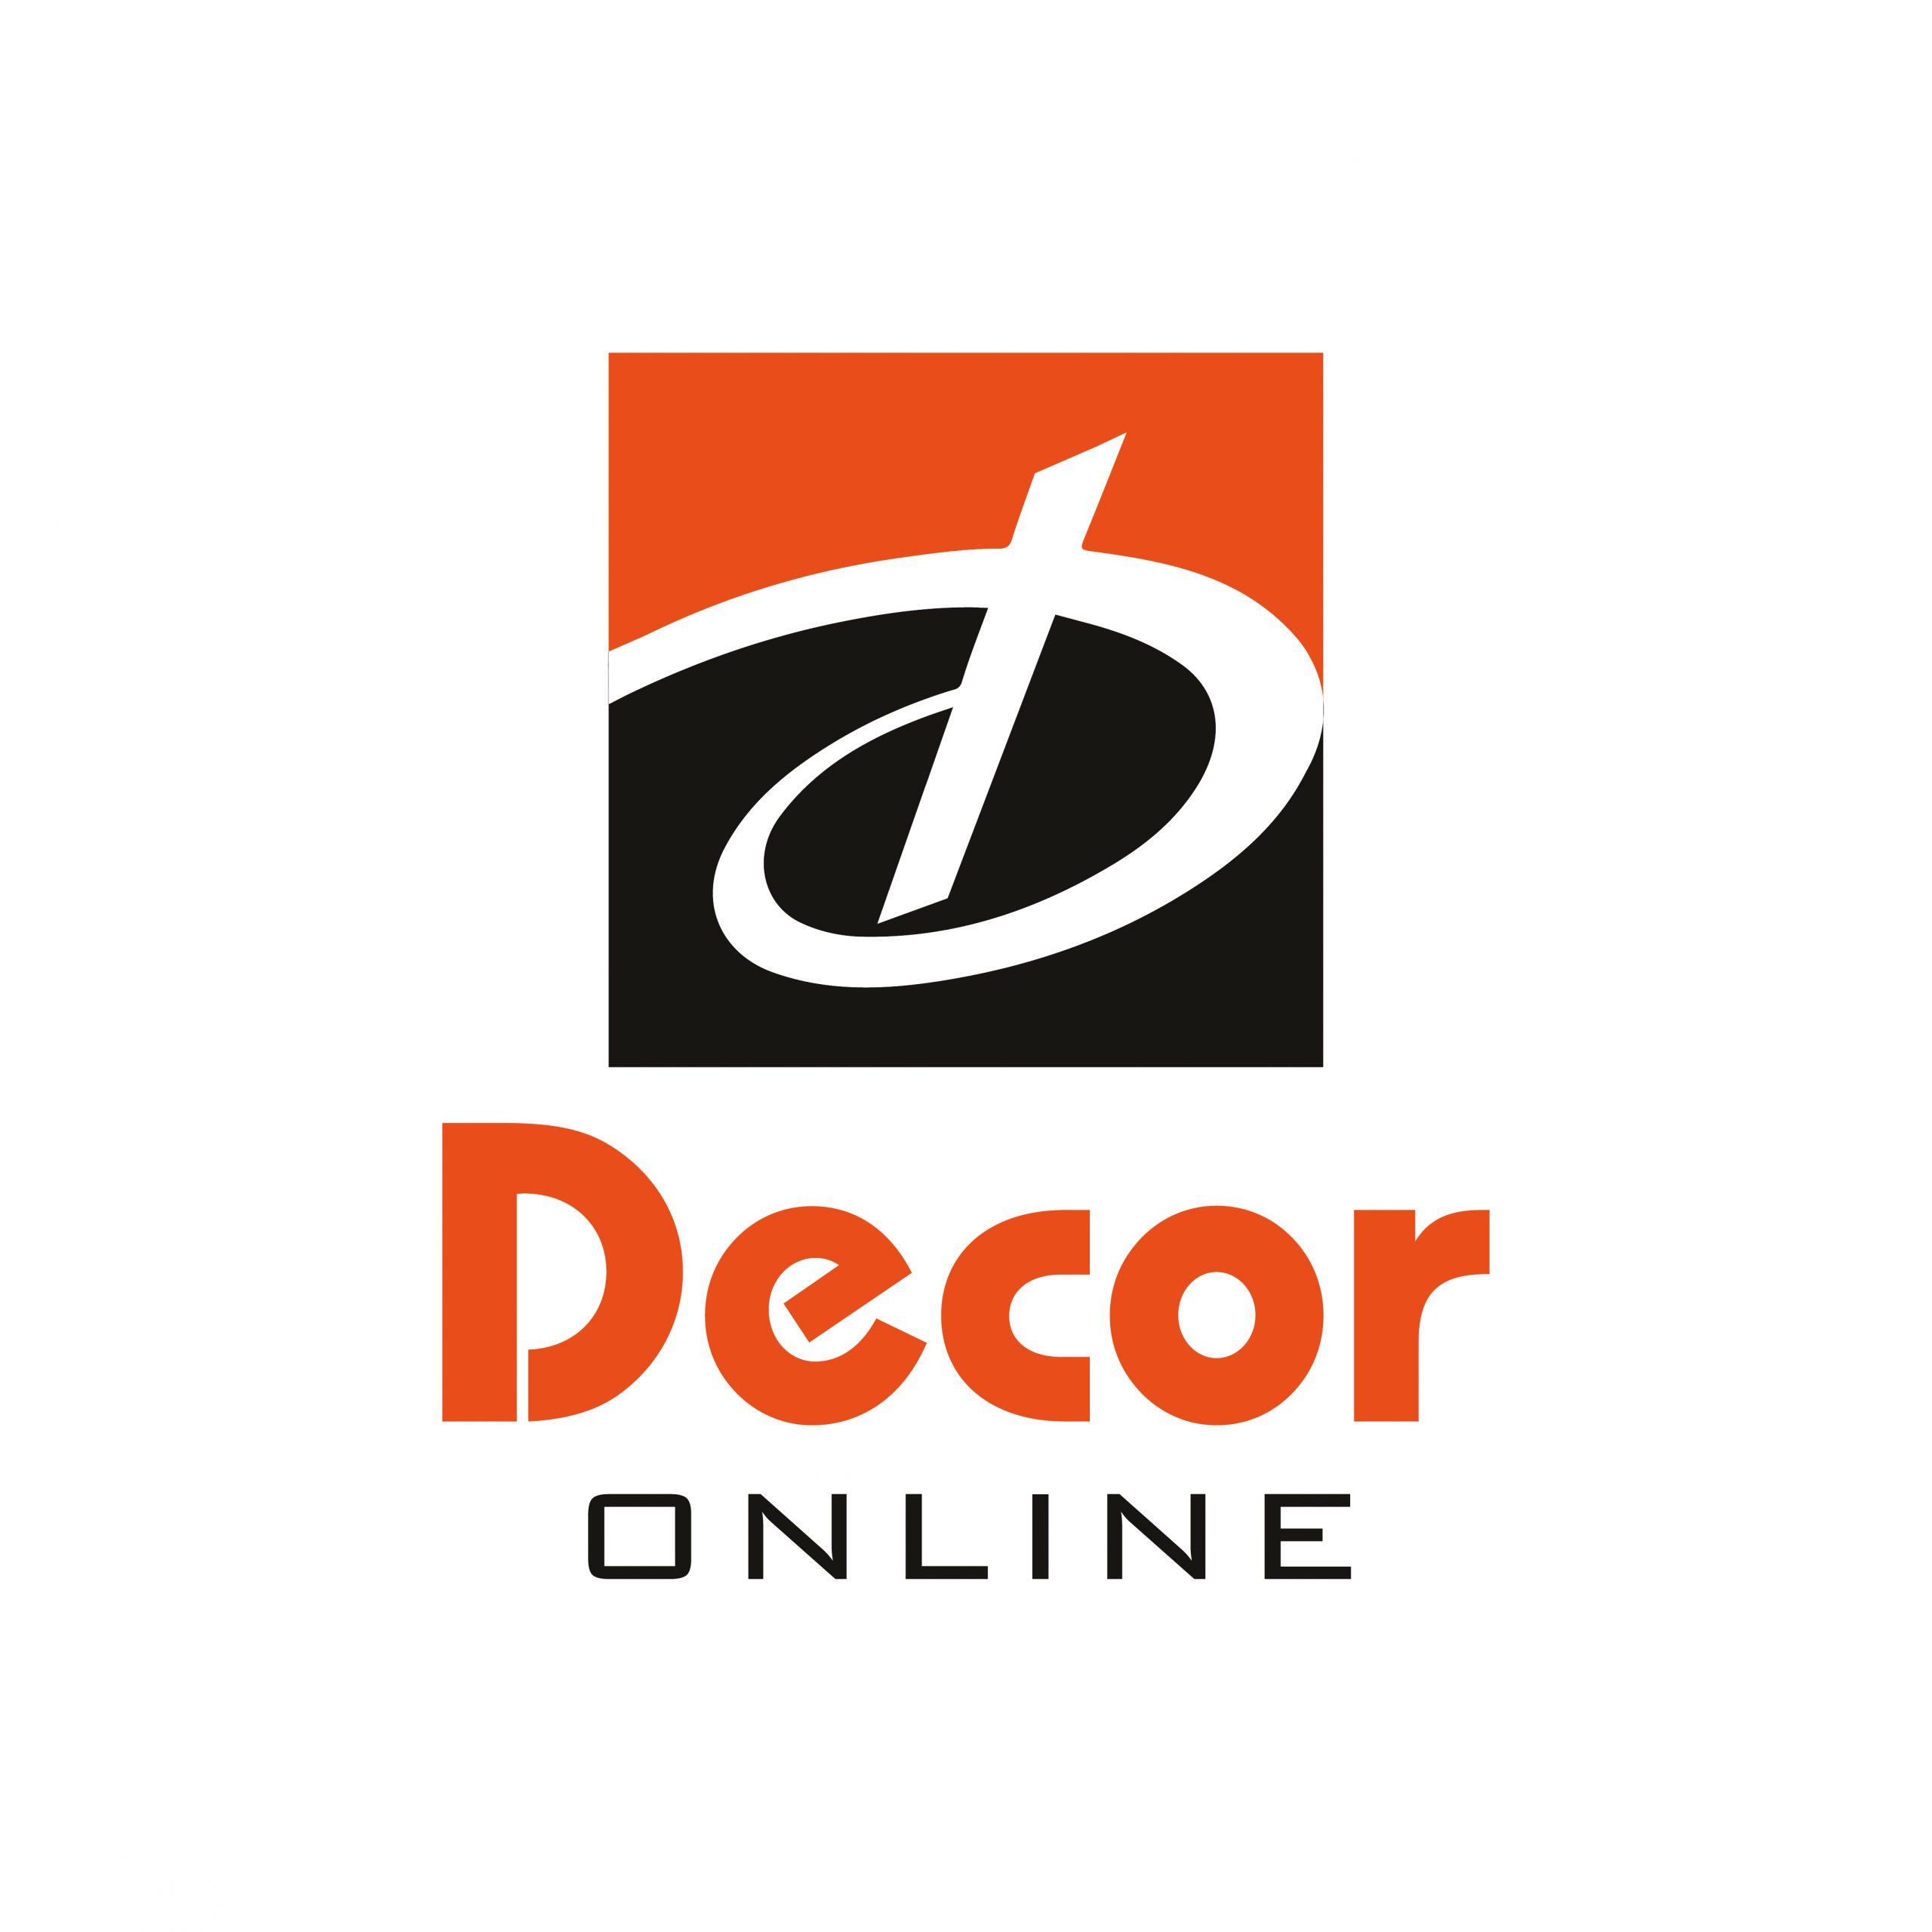 Decore Online